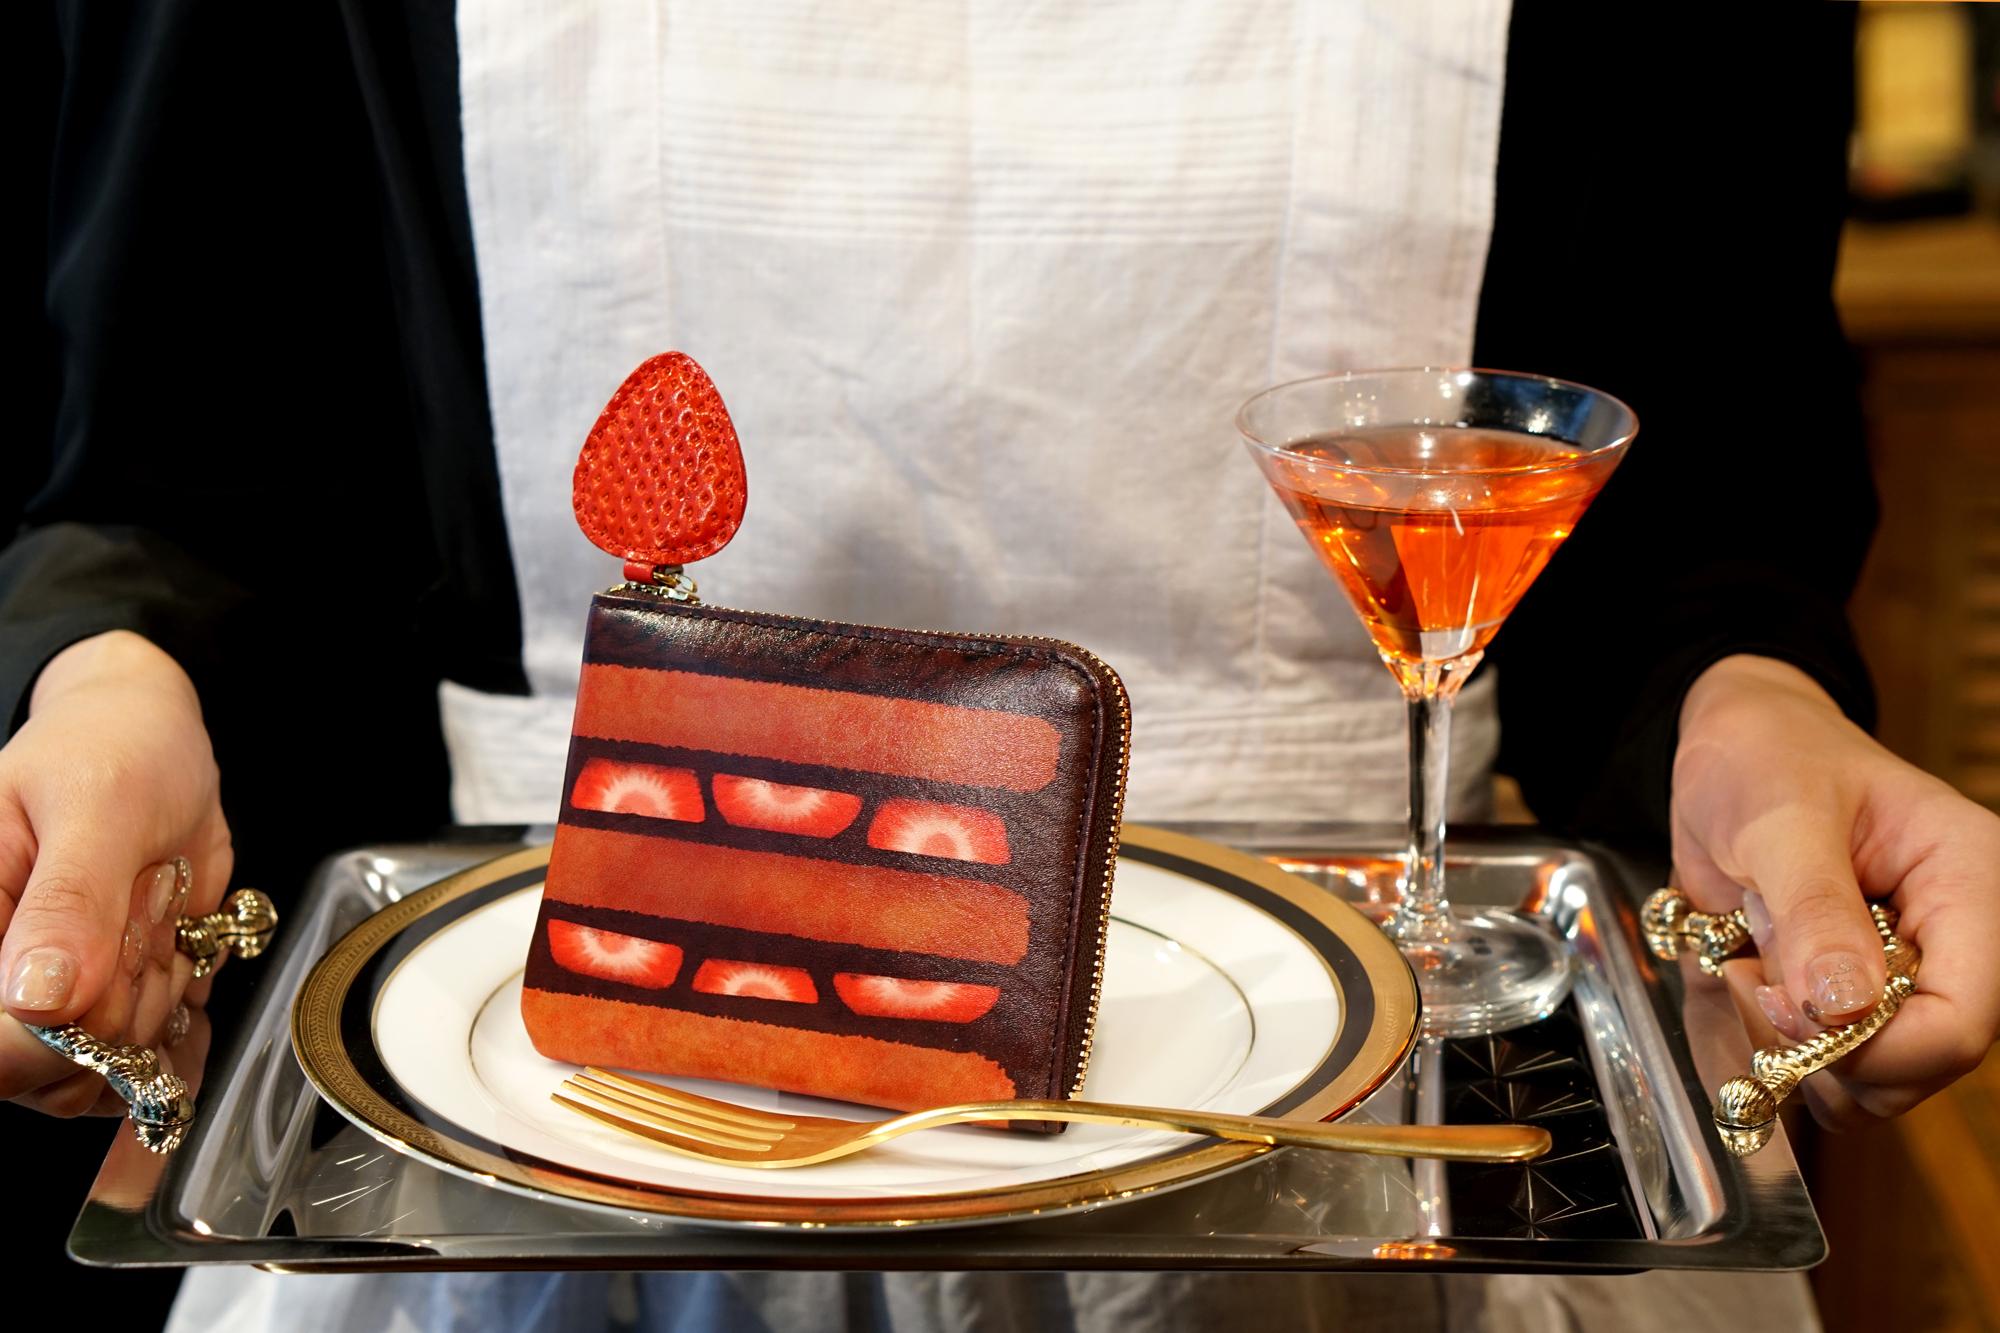 【セール品】薄型!チョコレートケーキなL字ファスナーミニ財布(牛革製)